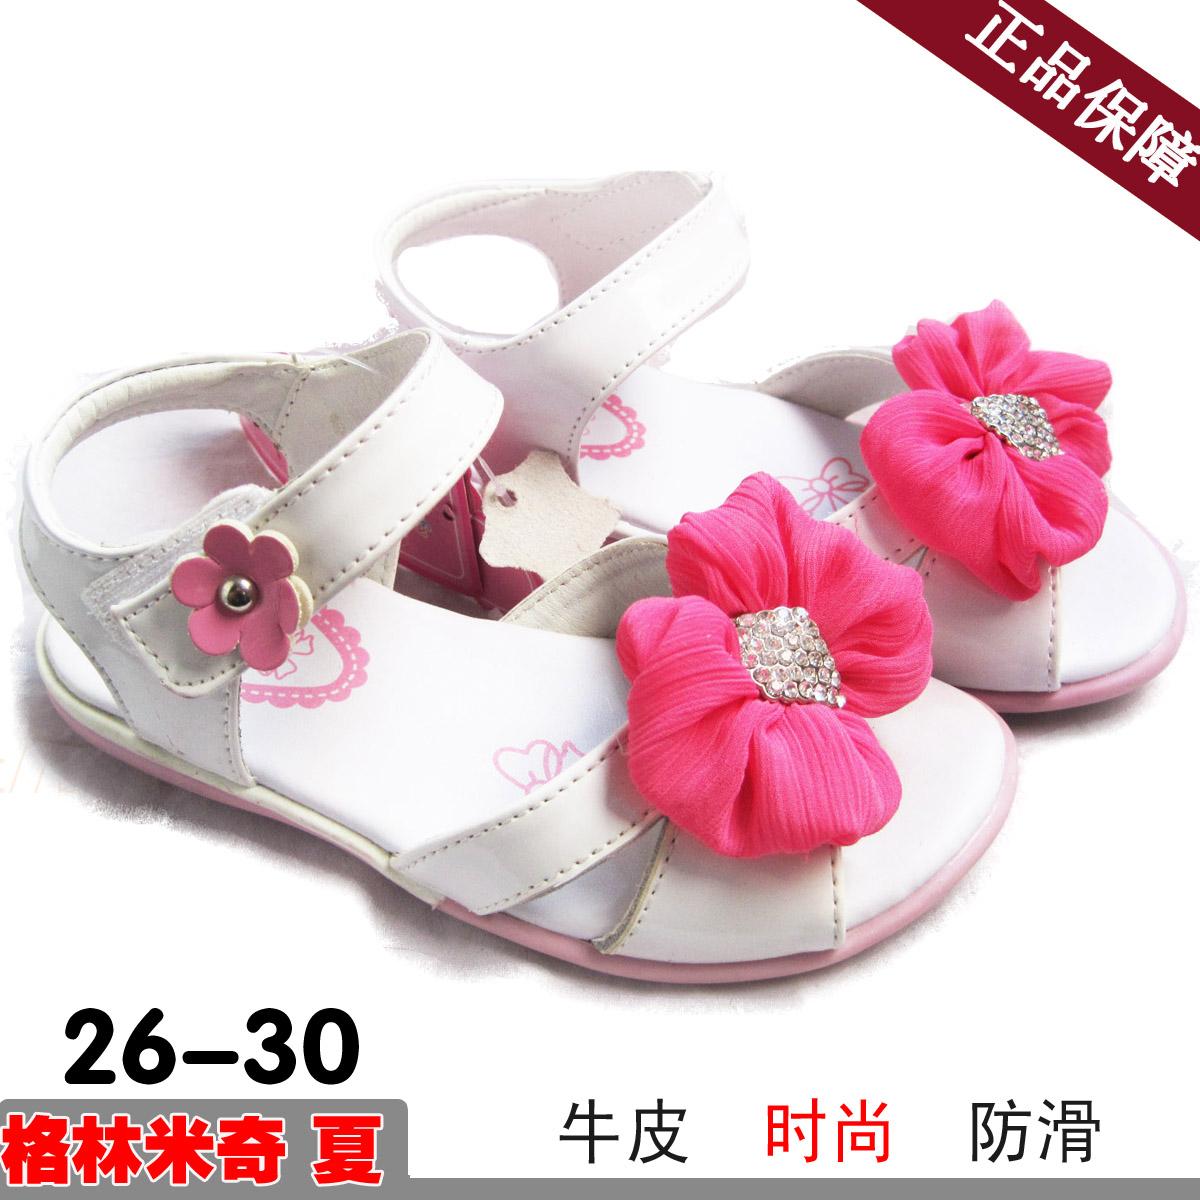 特价儿女童凉鞋 正品格林米奇2013新款夏季公主鞋韩版真皮潮鞋256